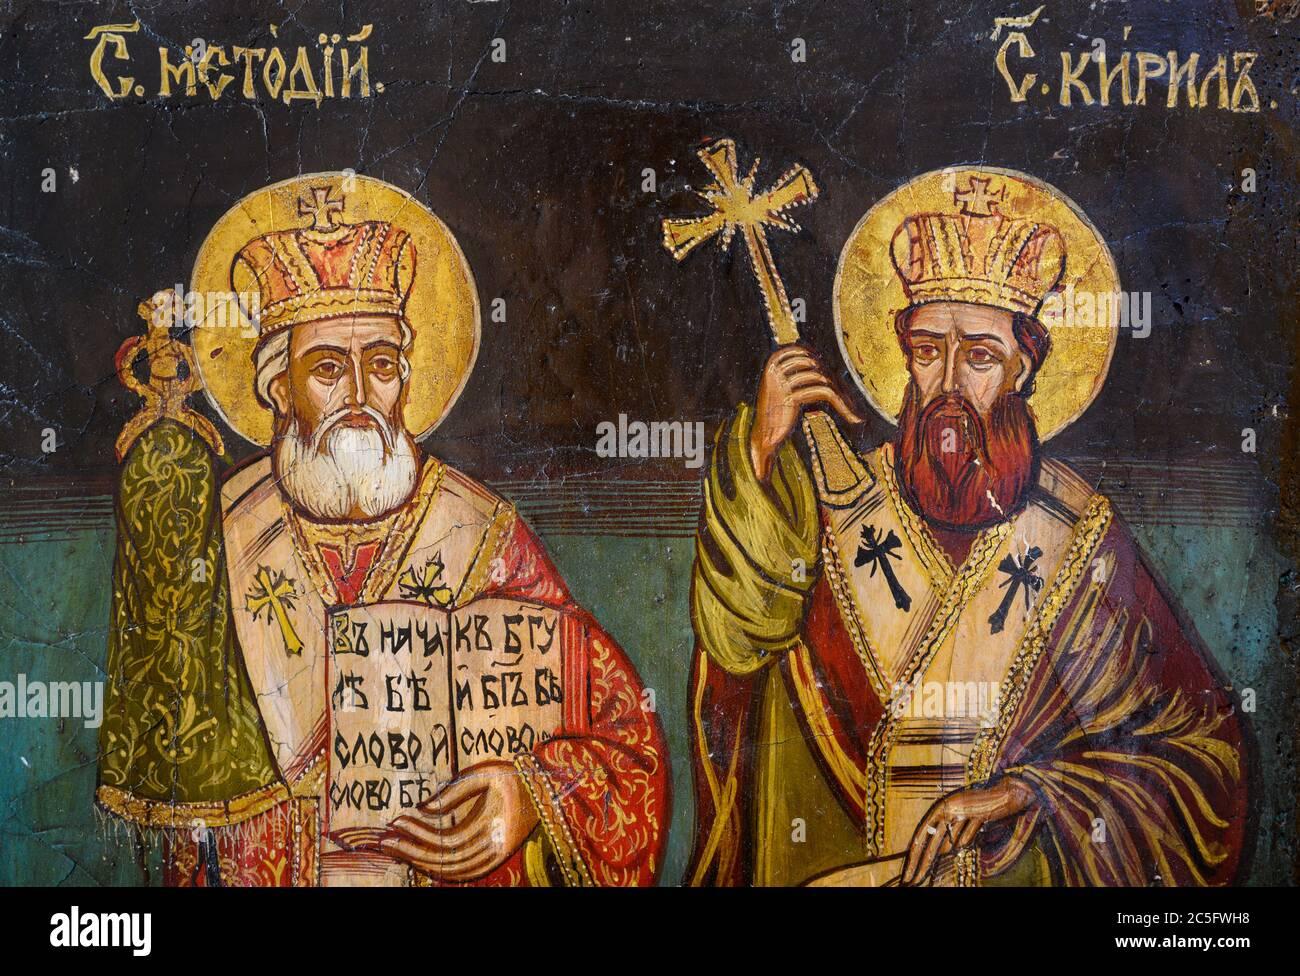 Icono bizantino de los Santos Cirilo y Metodio, los dos hermanos que eran misioneros bizantinos, los 'Apóstoles de los eslavos'. Una capilla privada. Foto de stock